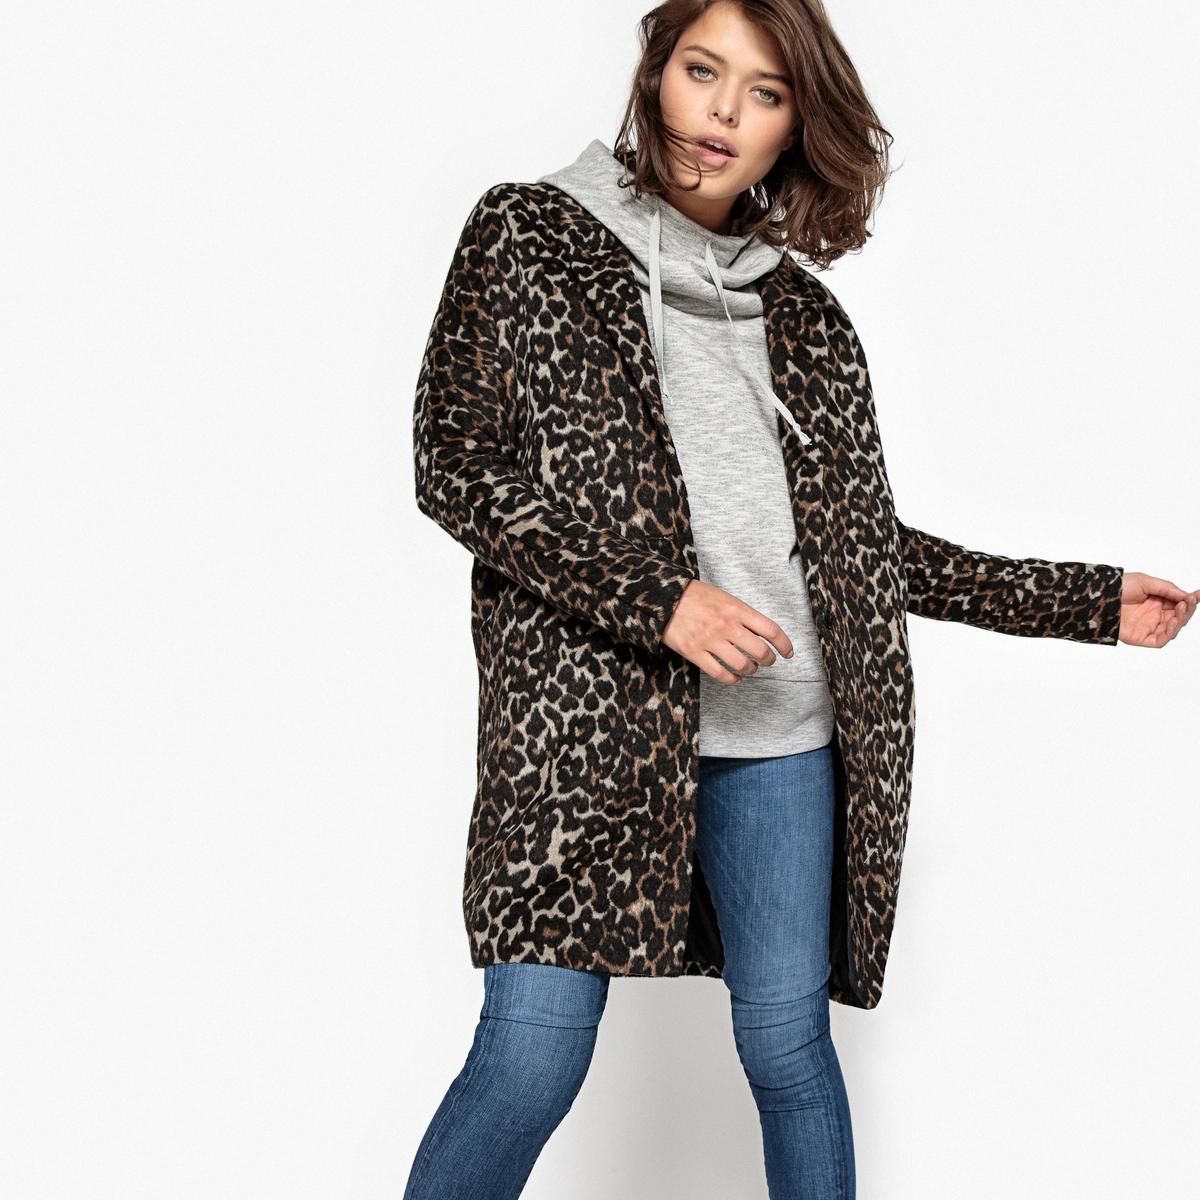 Пальто с леопардовым принтом пальто с леопардовым принтом 30% шерсти